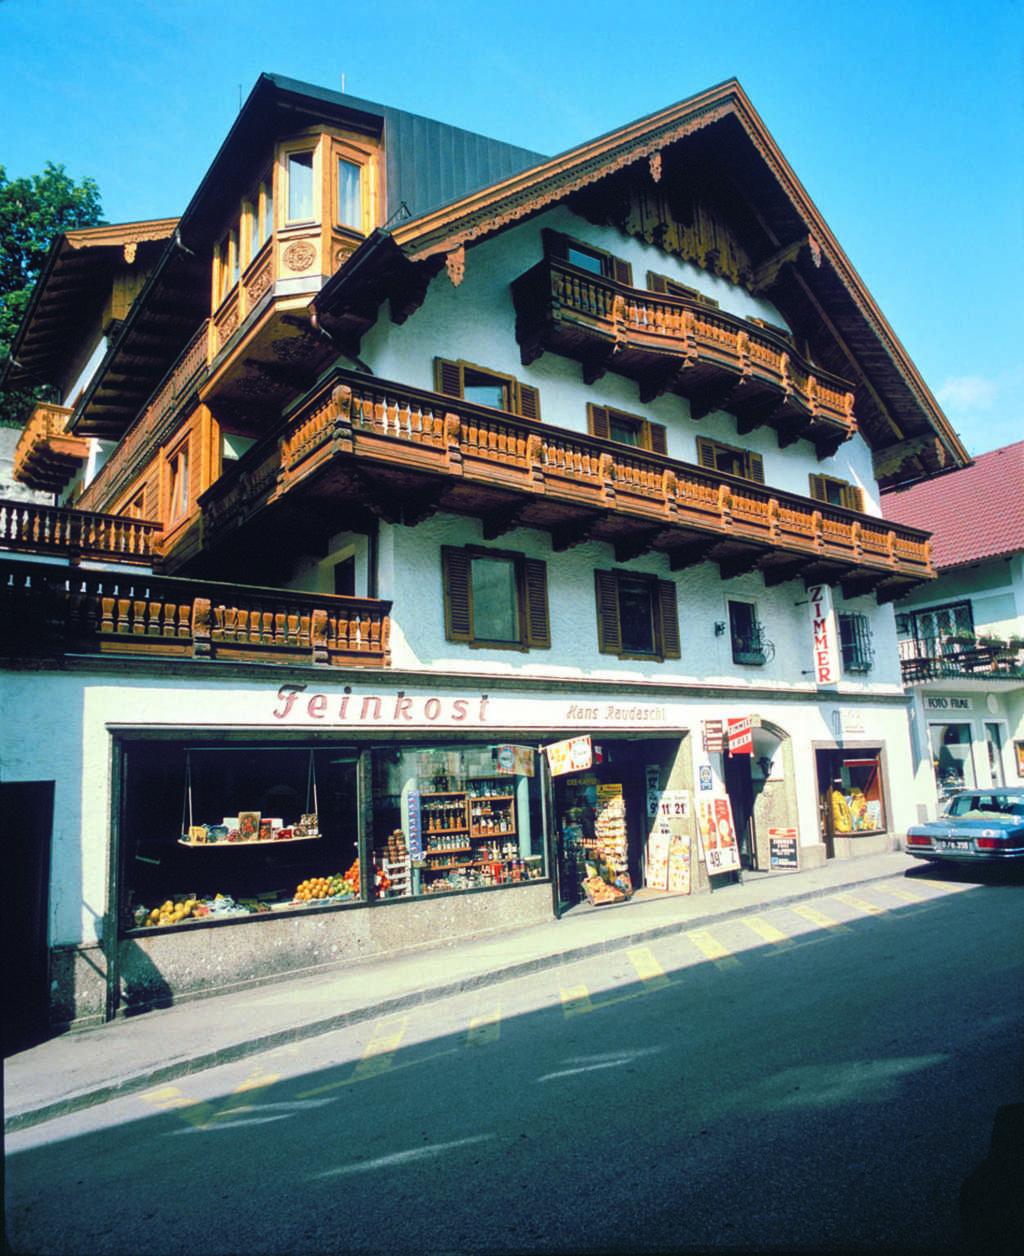 Apparthotel St. Wolfgang, Ferienwohnung 2